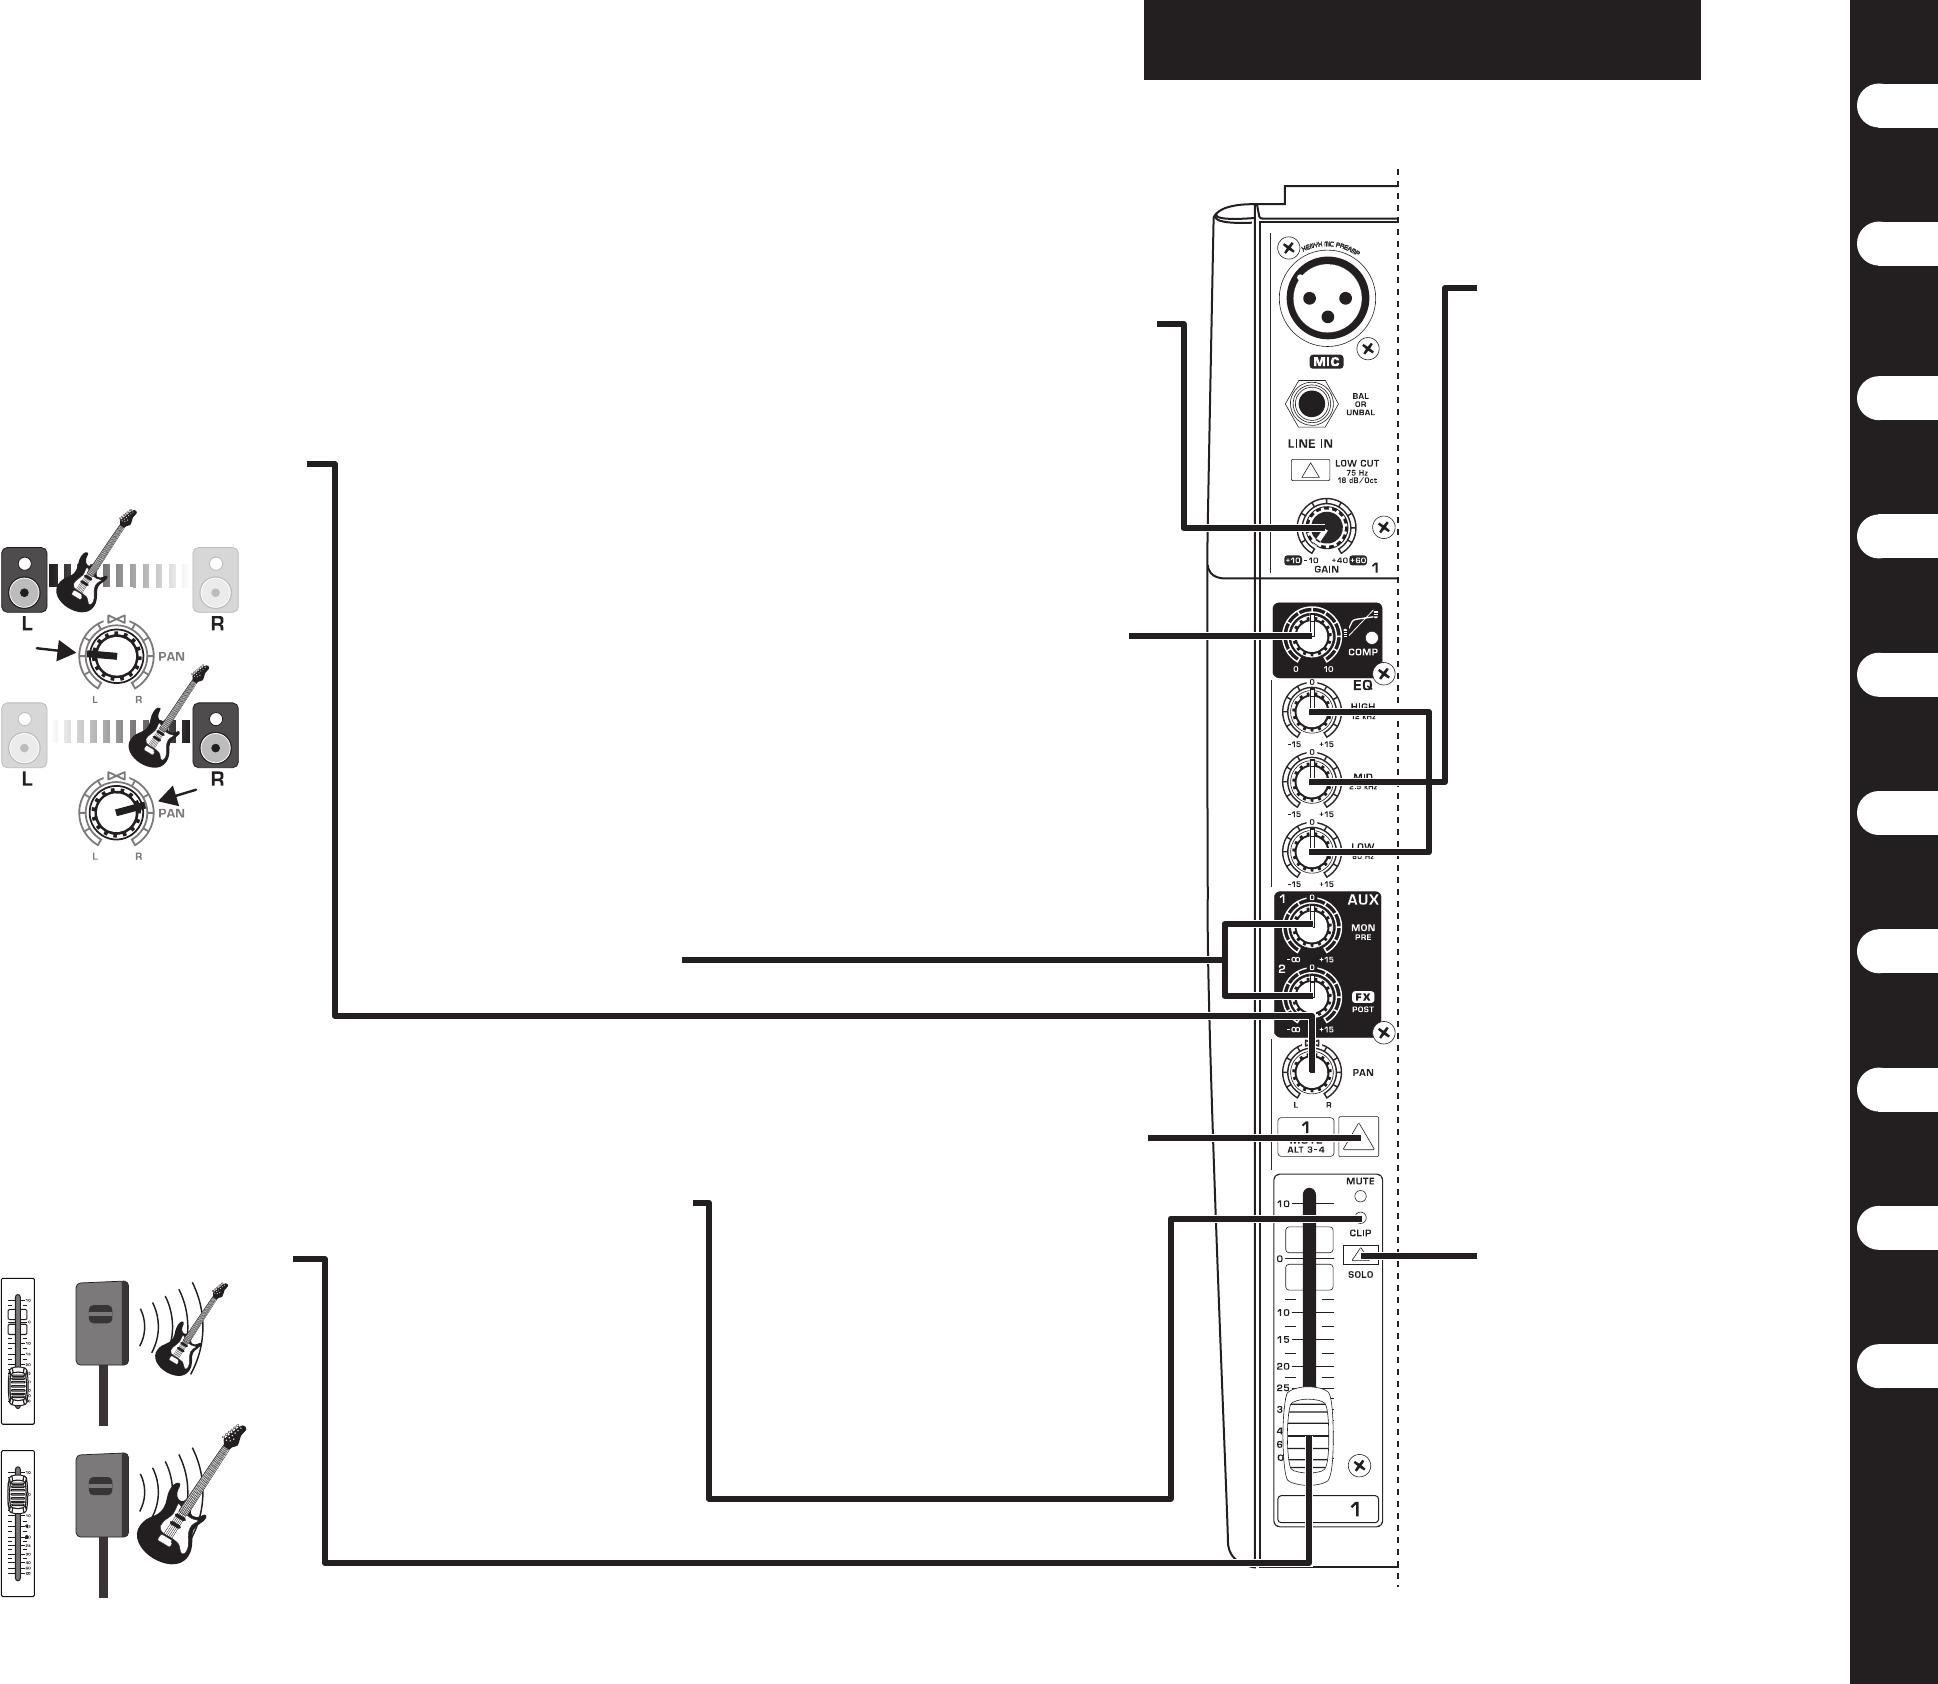 Bedienungsanleitung Behringer Xenyx X1204usb Seite 13 Von 26